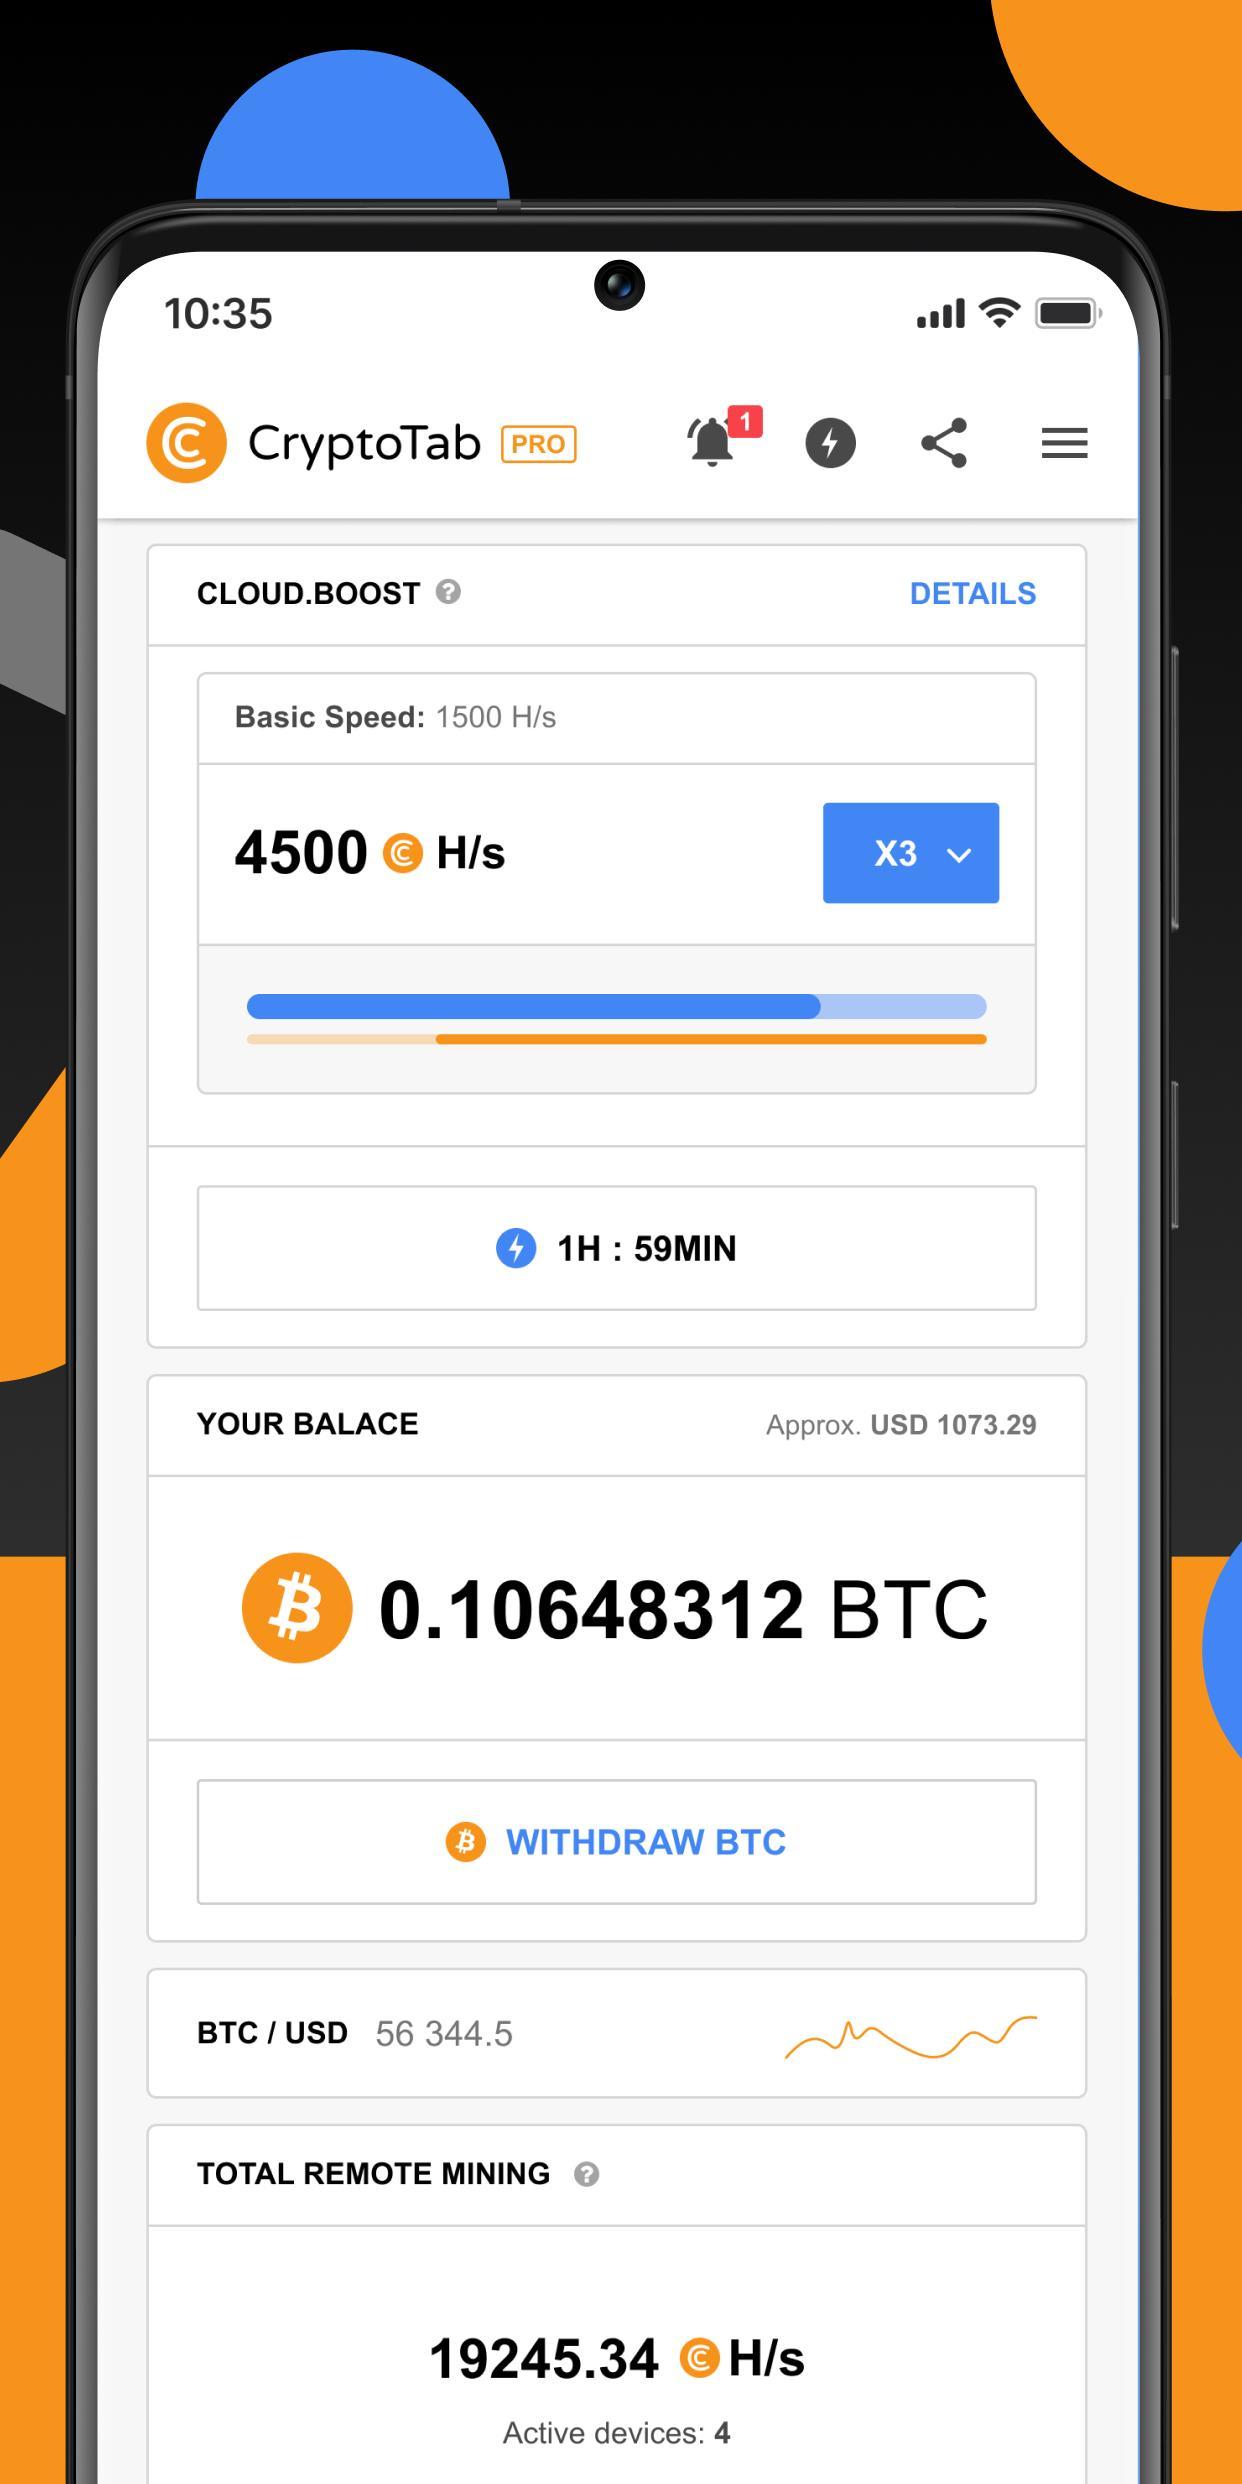 scarica cryptotab pro gratis